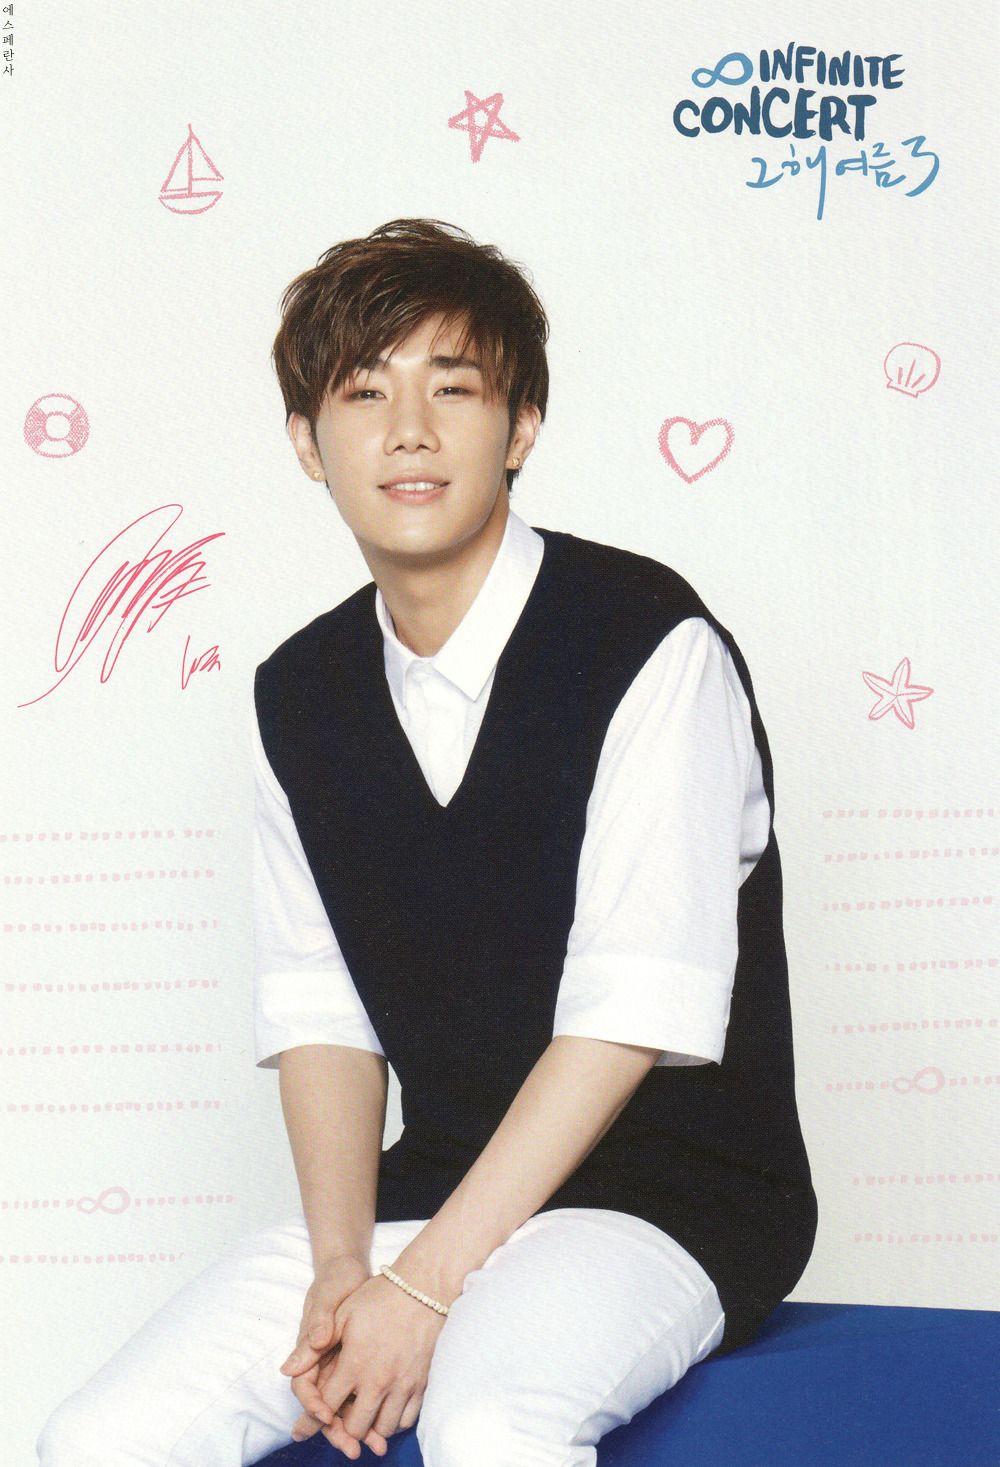 #Sunggyu - That Summer Concert 3 Official Goods